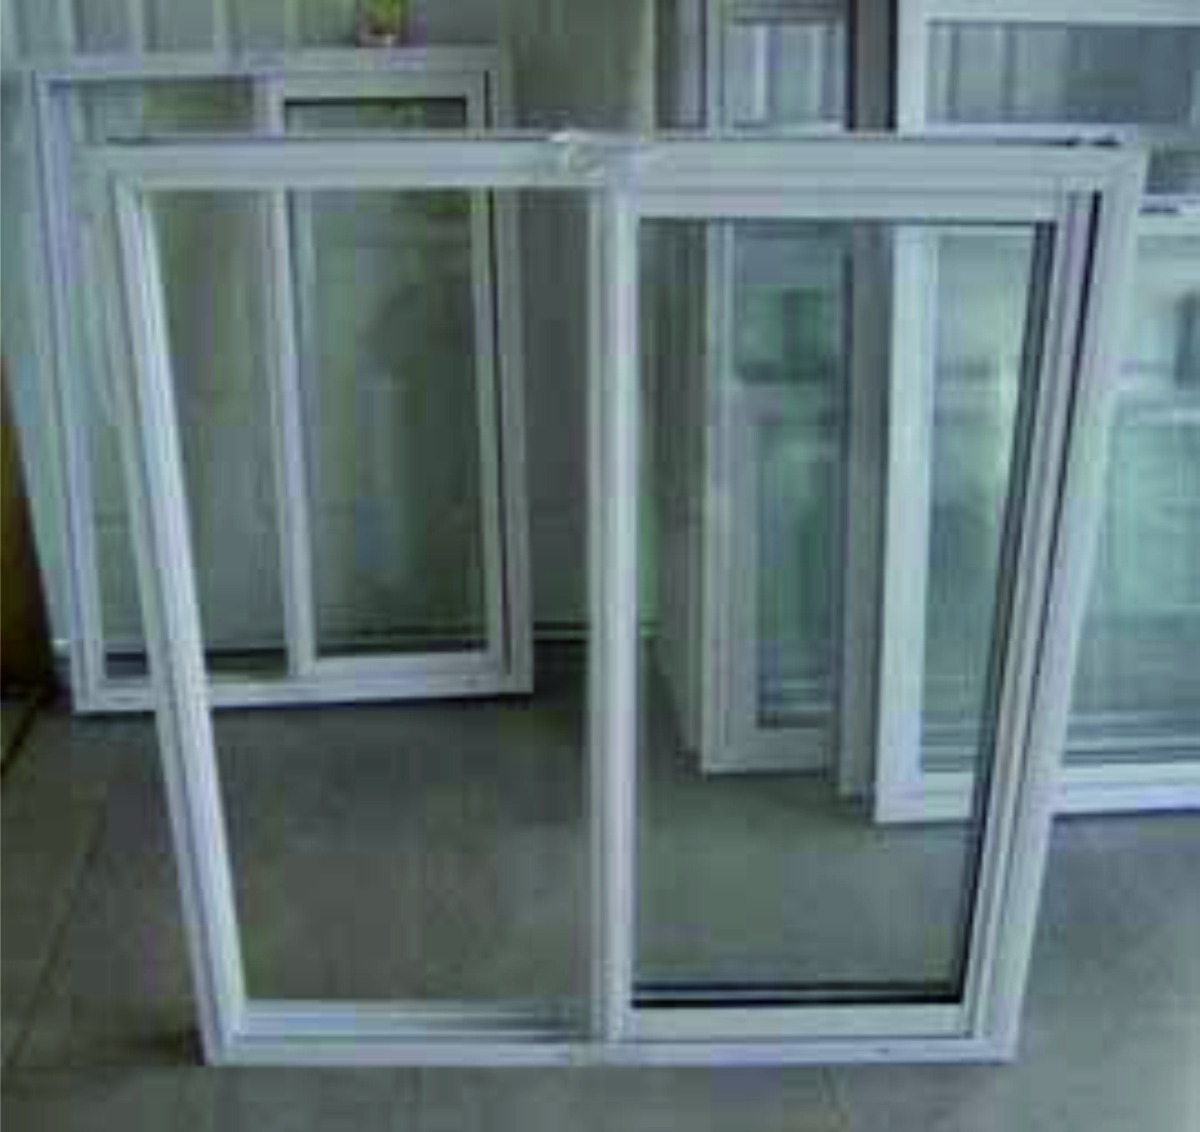 Ventanas de doble vidrio mejor precio nuevas y usadas for Ventanas de aluminio doble vidrio argentina